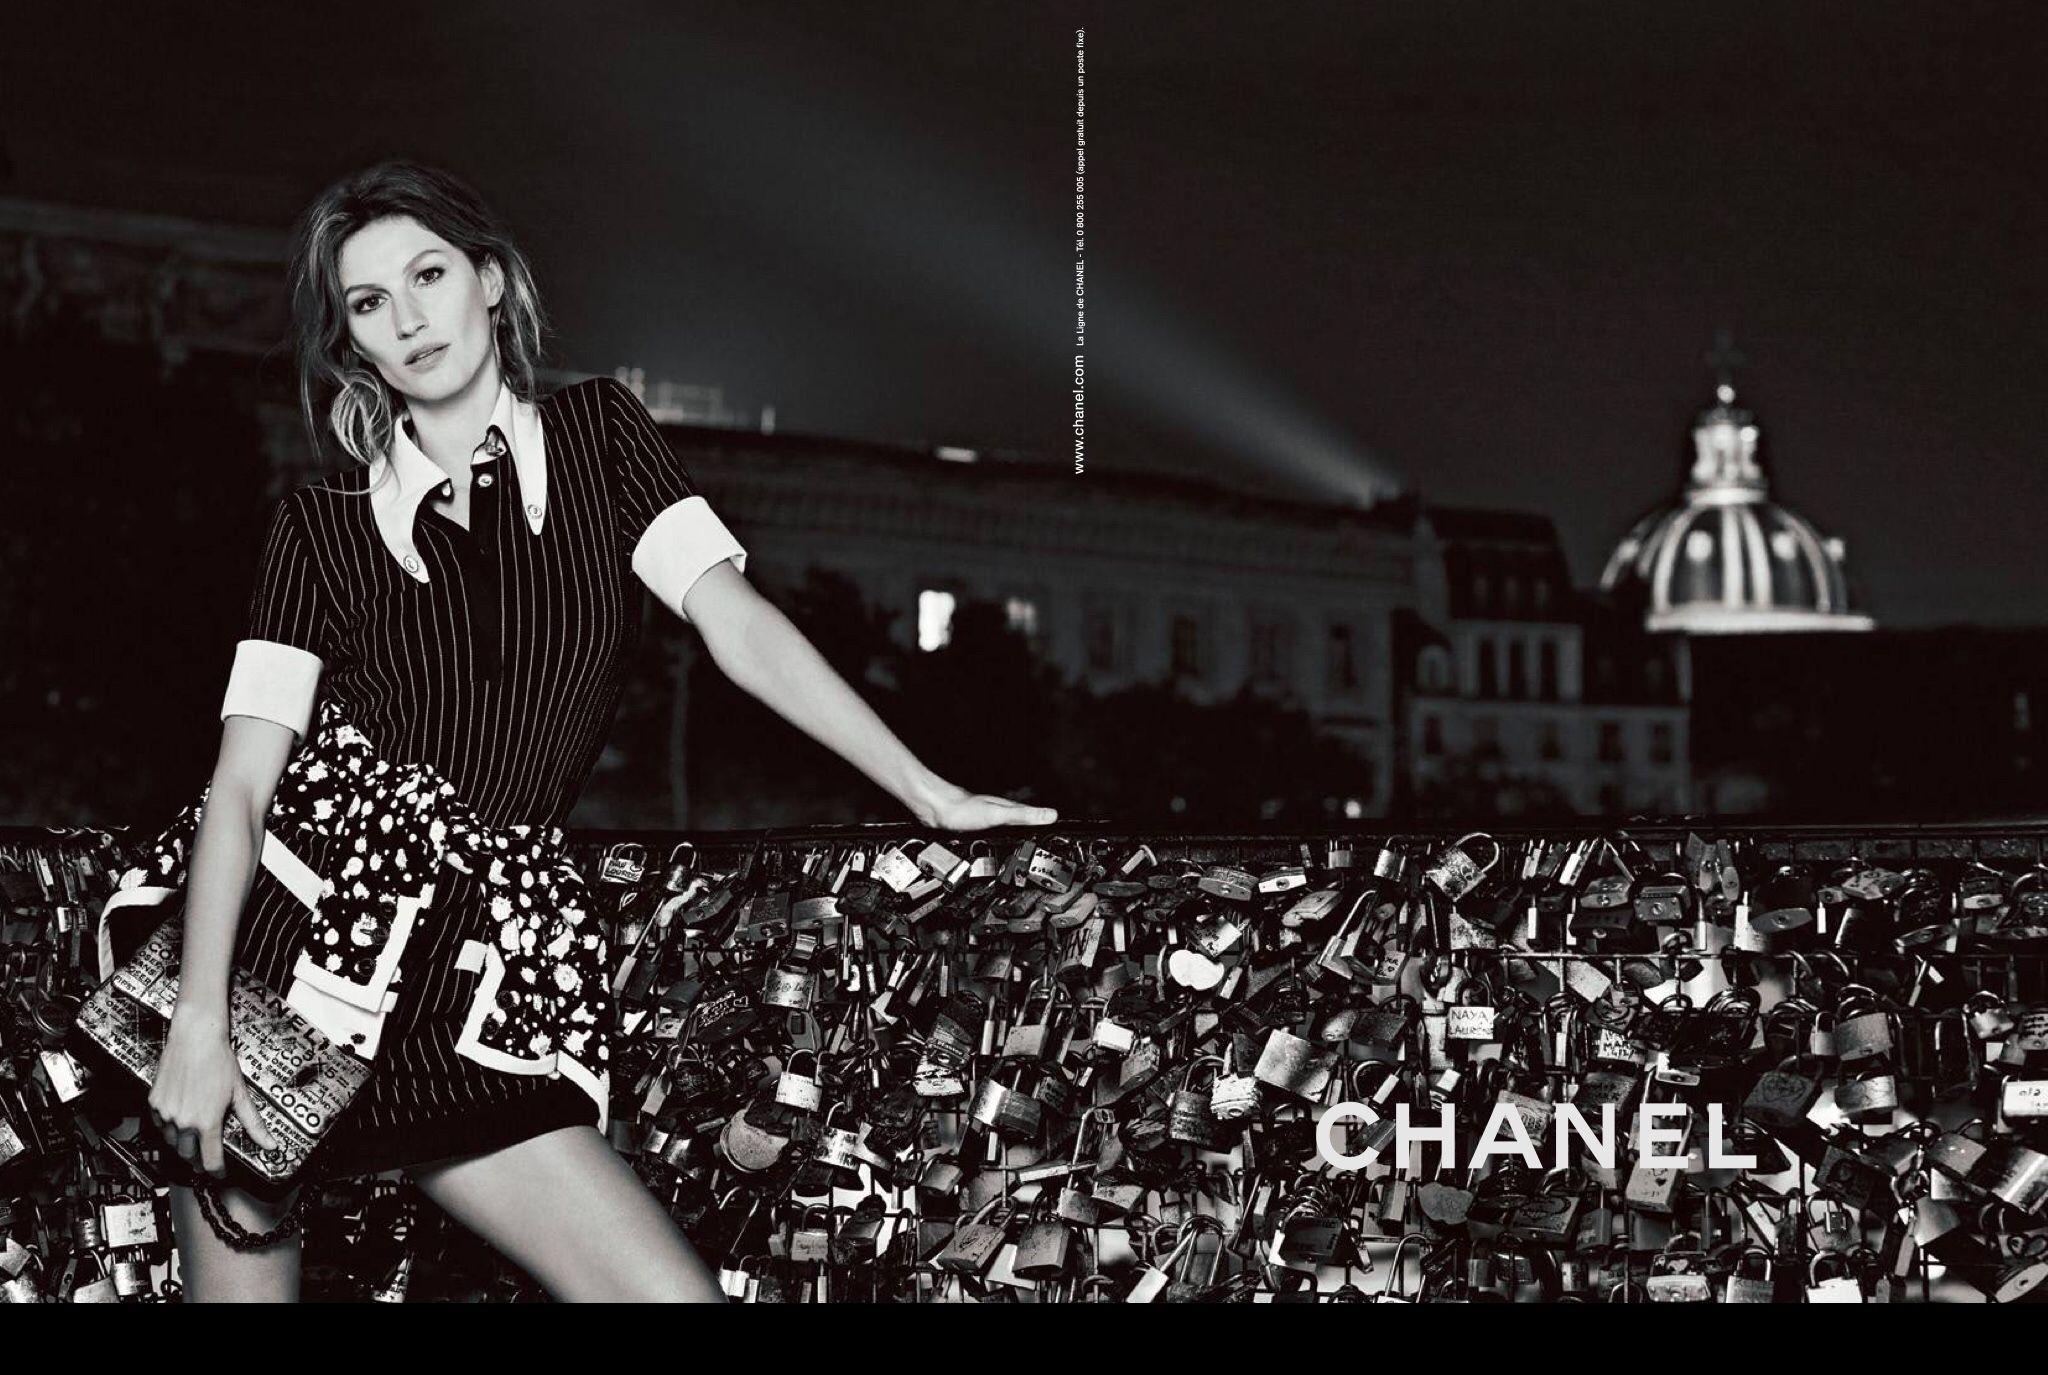 #Chanel #LoveLocks